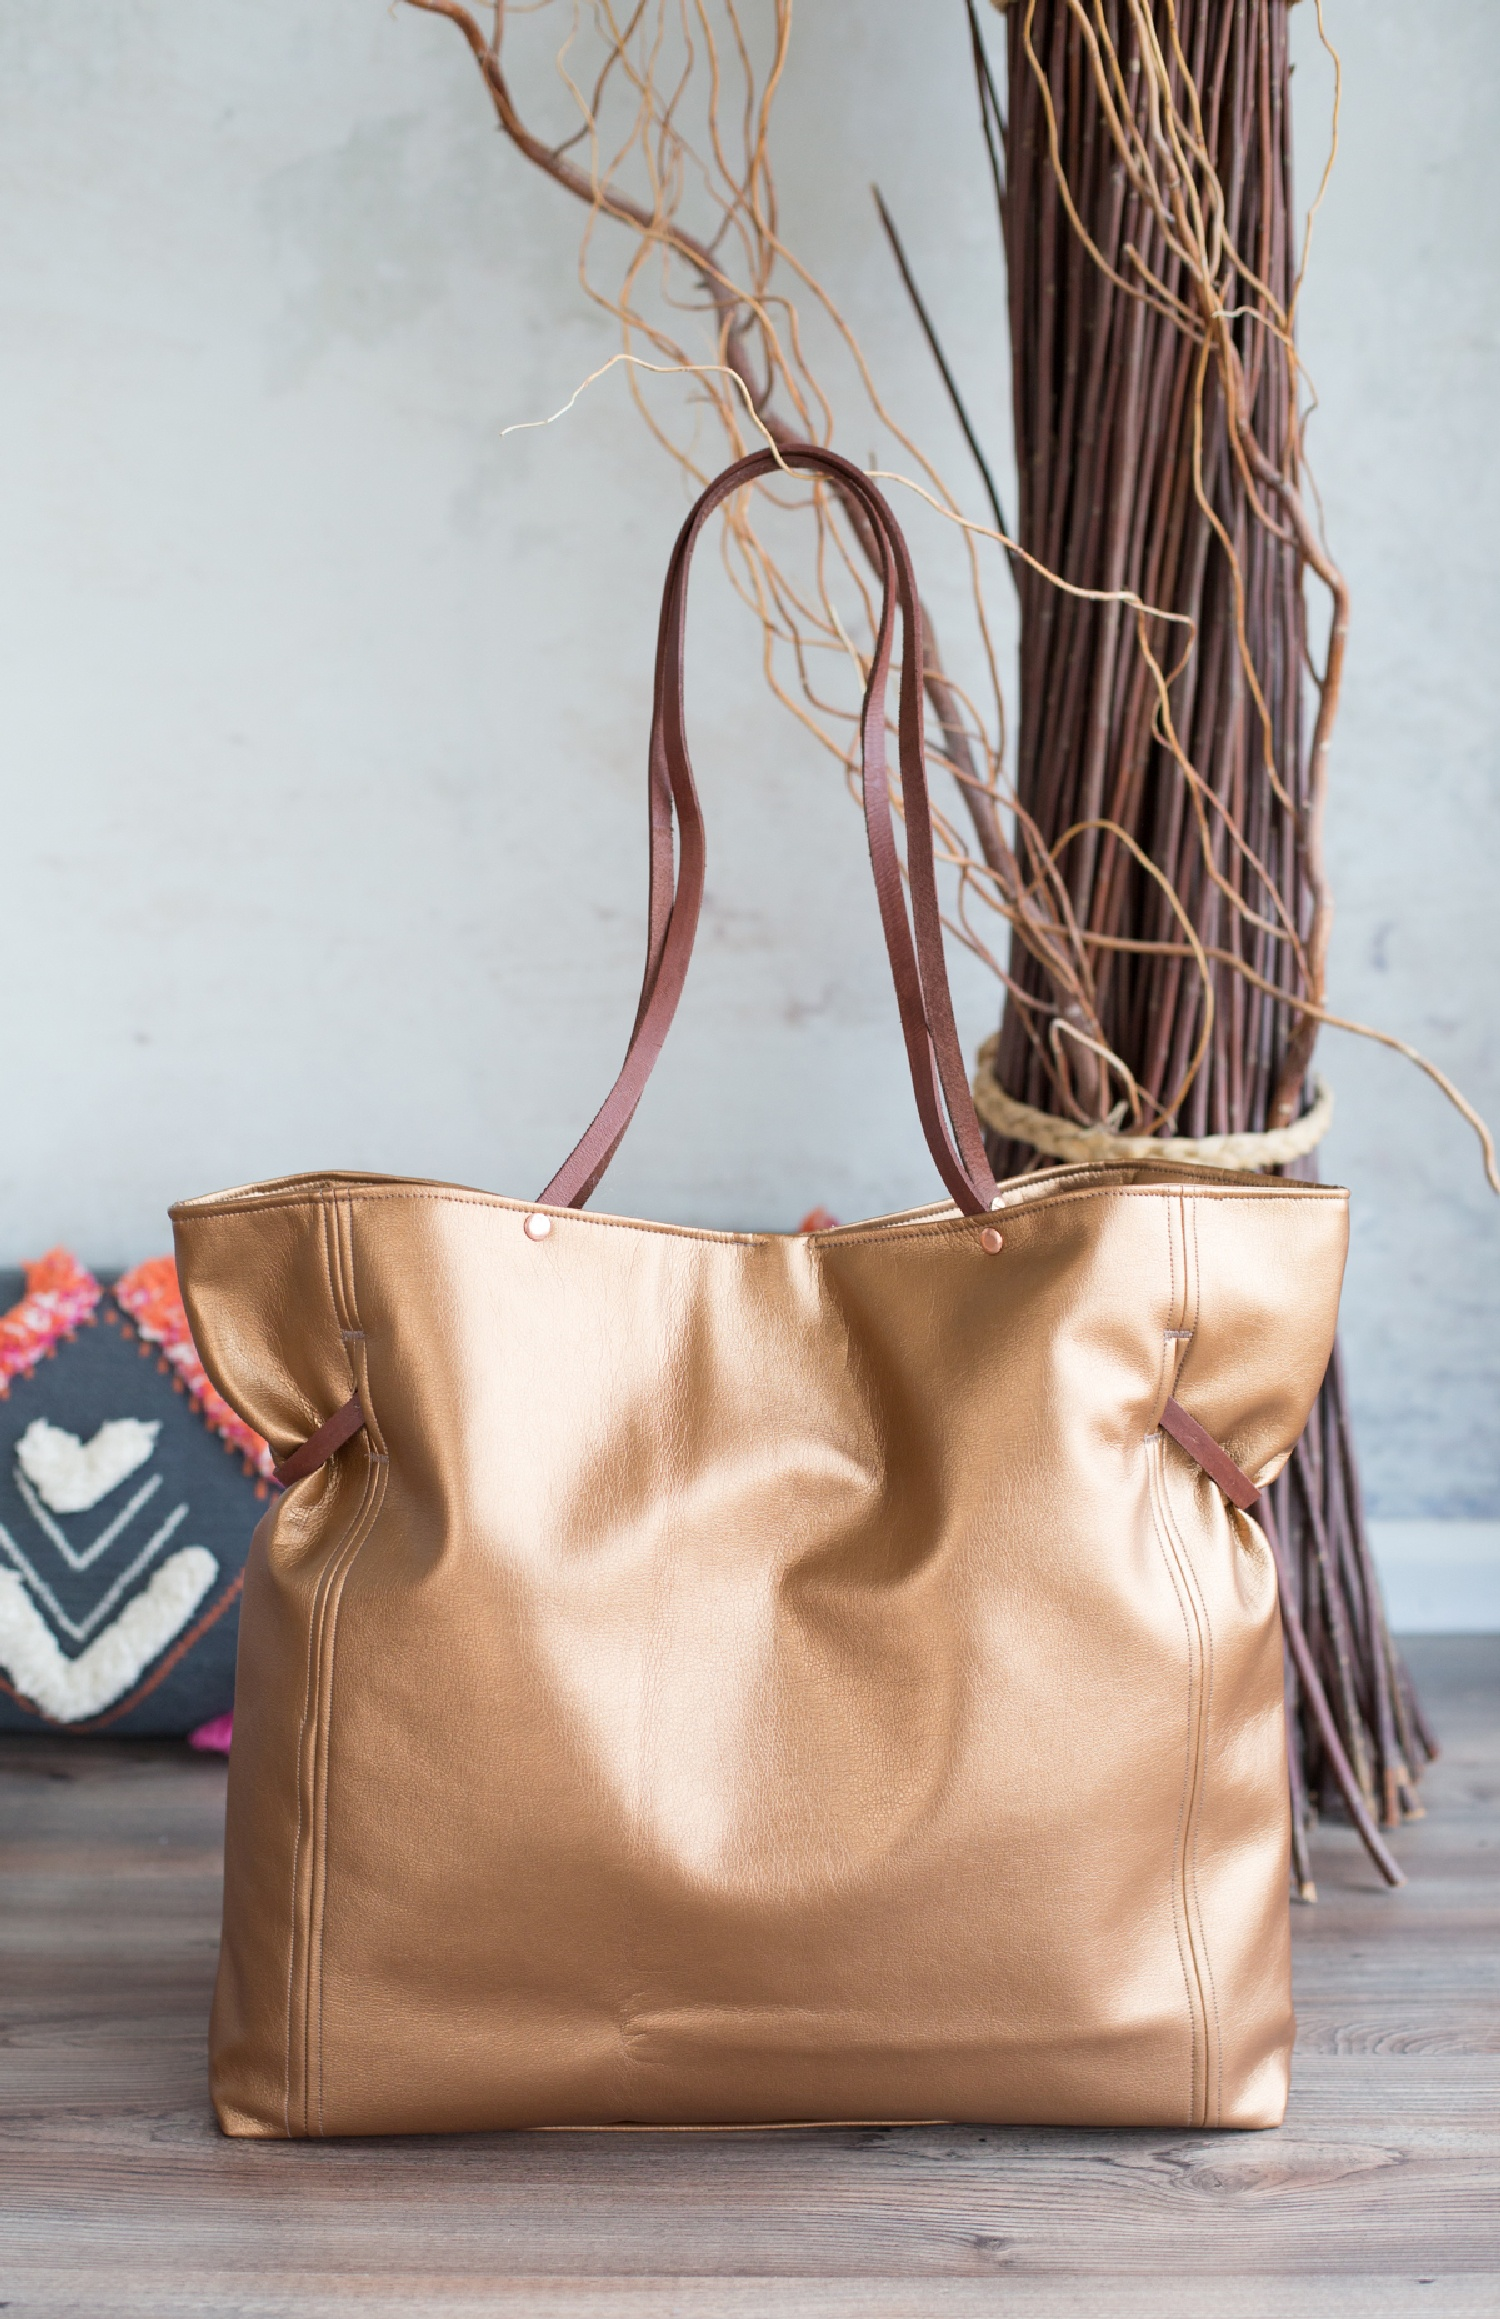 Die CarryBag aus der Taschenspieler 4 macht richtig was her durch die originelle Trägerlösung